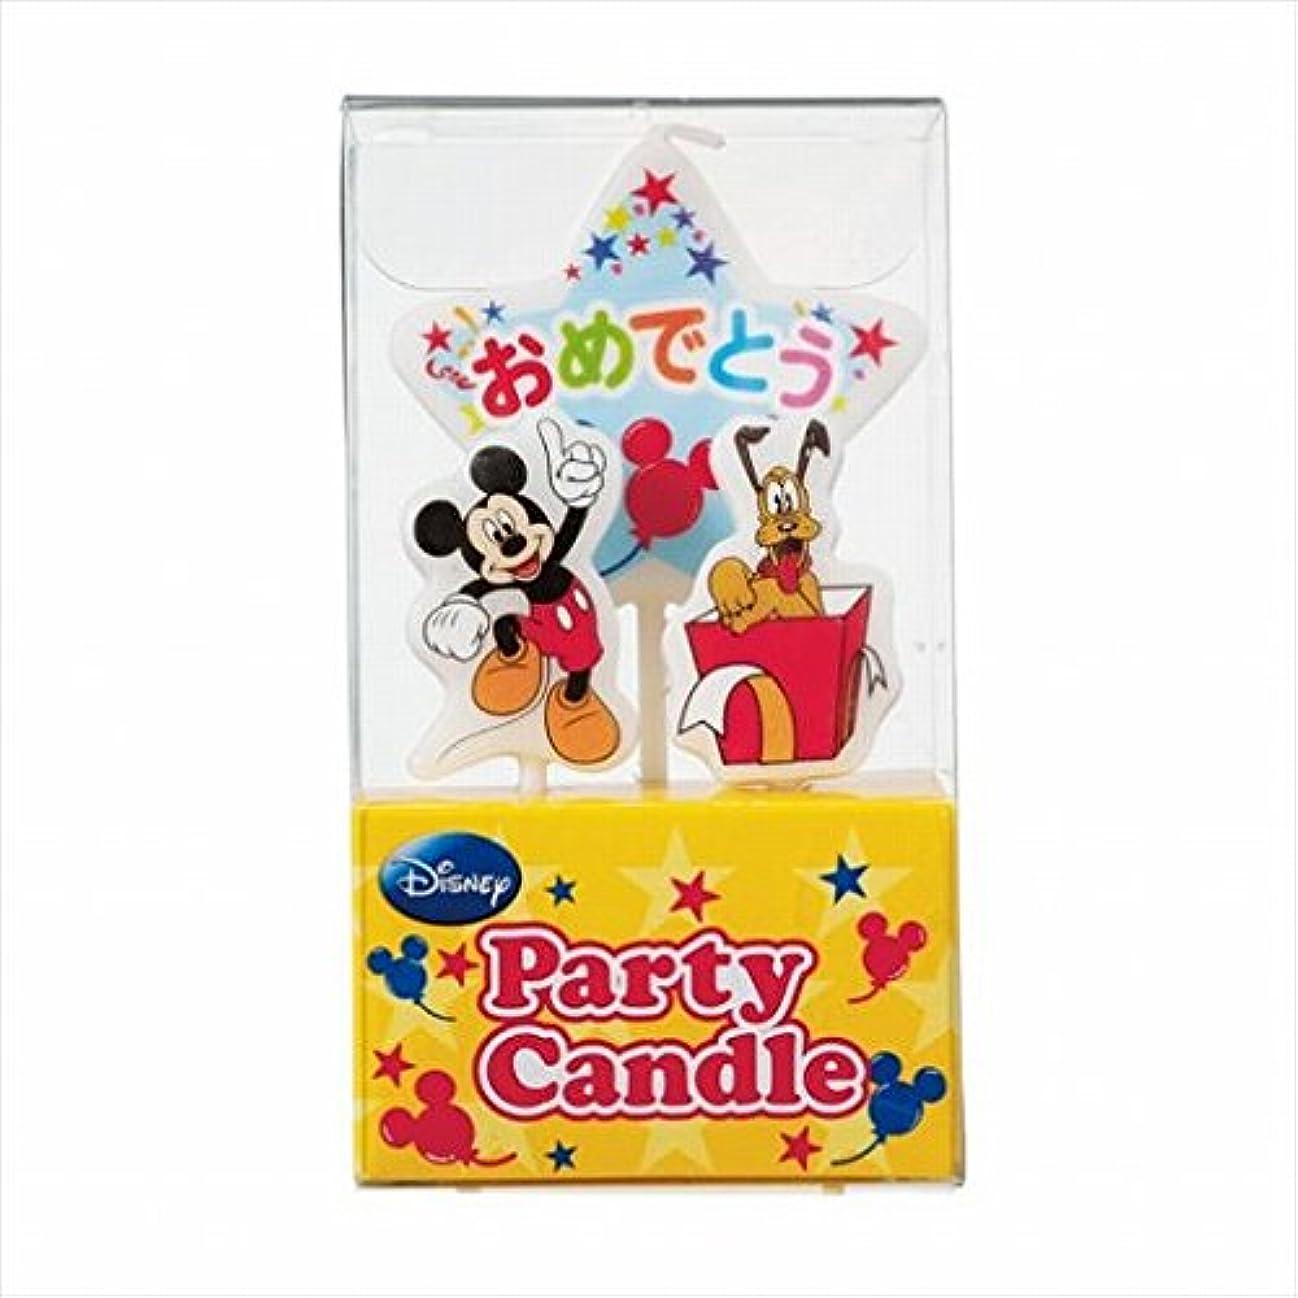 のり経歴克服するディズニー( Disney ) ディズニーパーティーキャンドル【ケーキ用キャンドル】 「 ミッキー 」